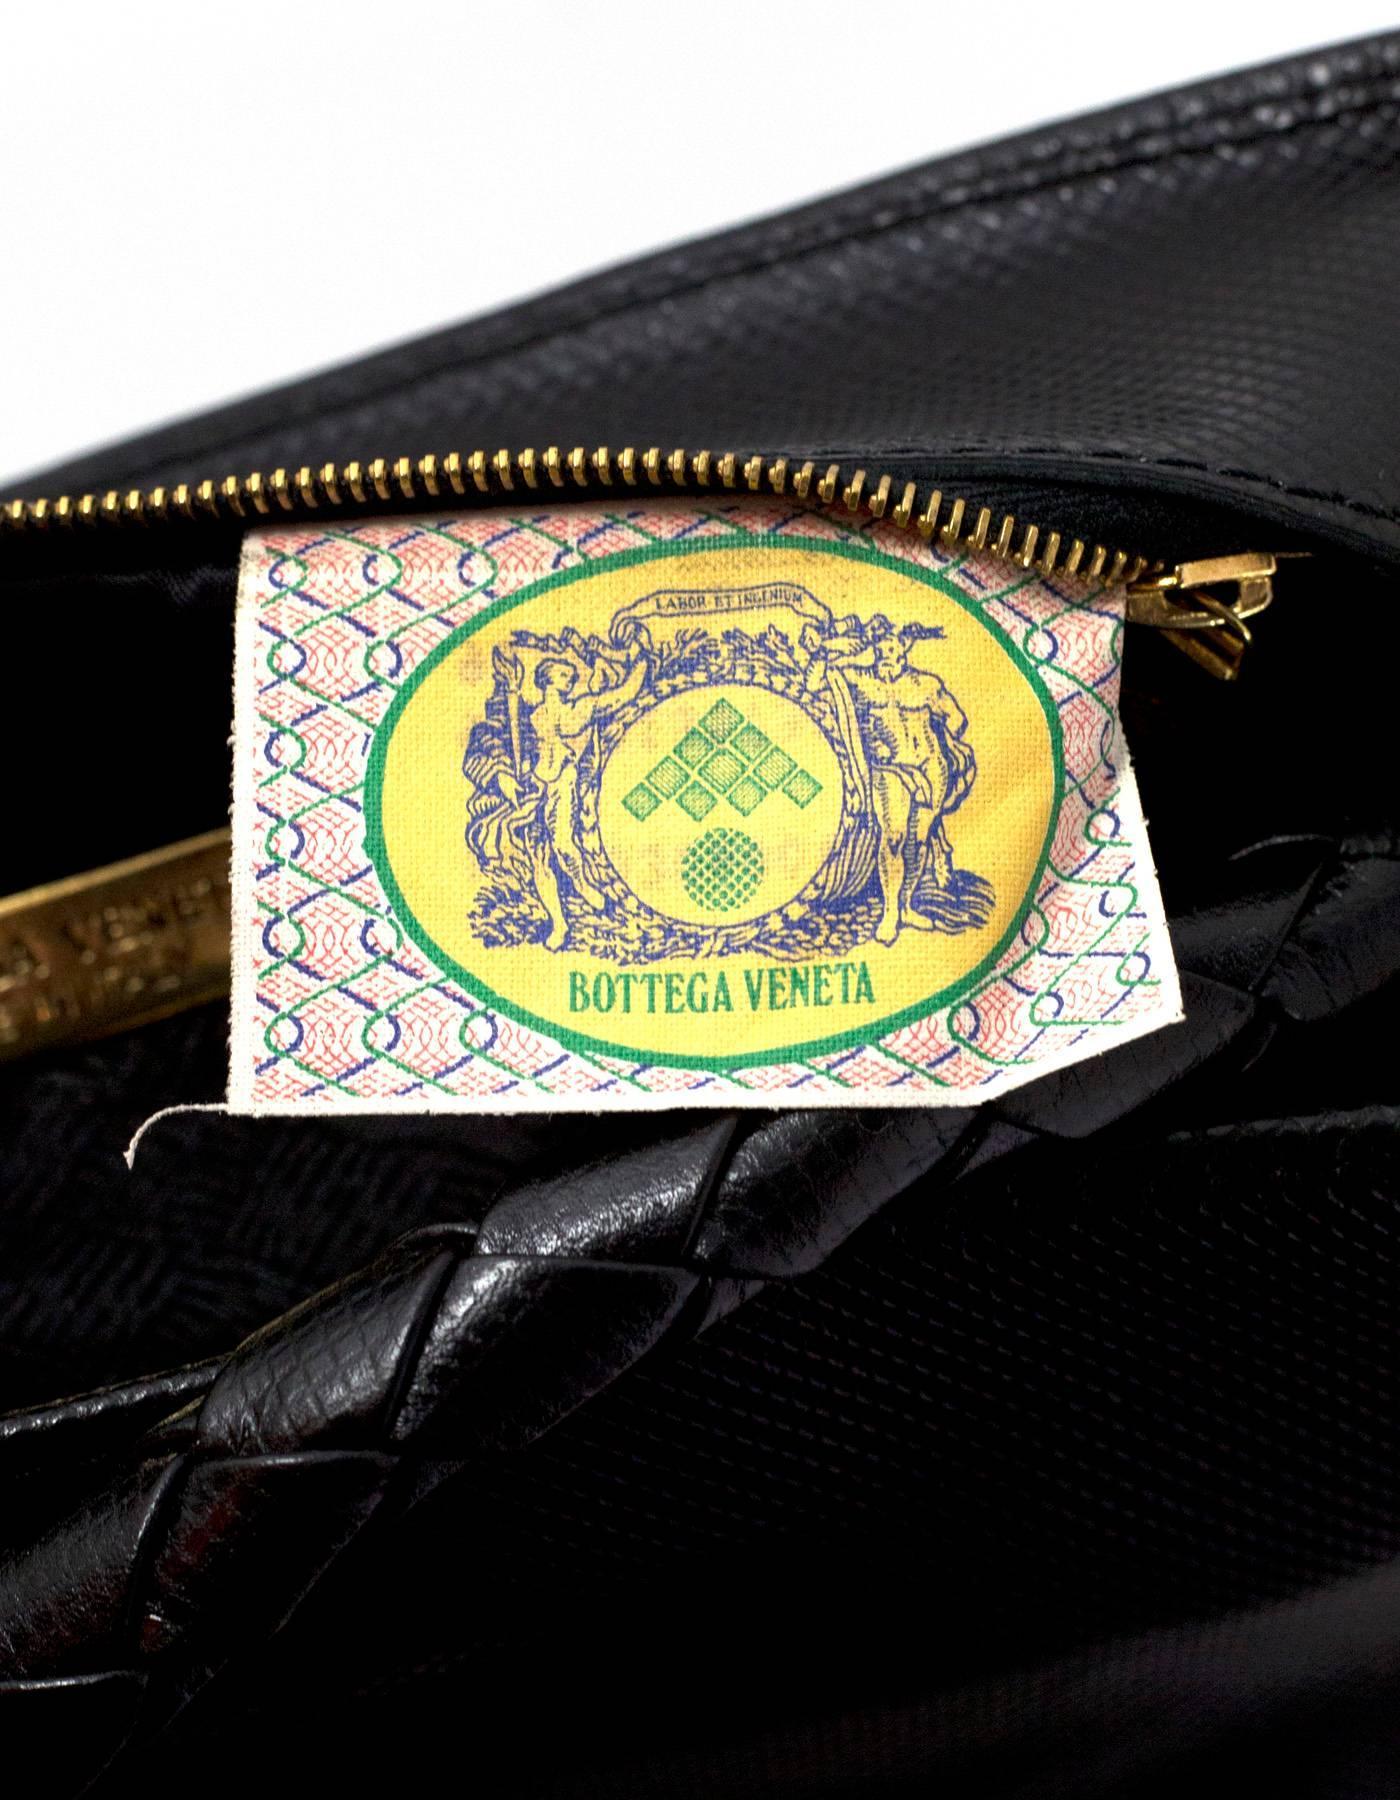 66c0f2c1e9 Bottega Veneta Vintage Black Textured Leather Bucket Bag For Sale at 1stdibs